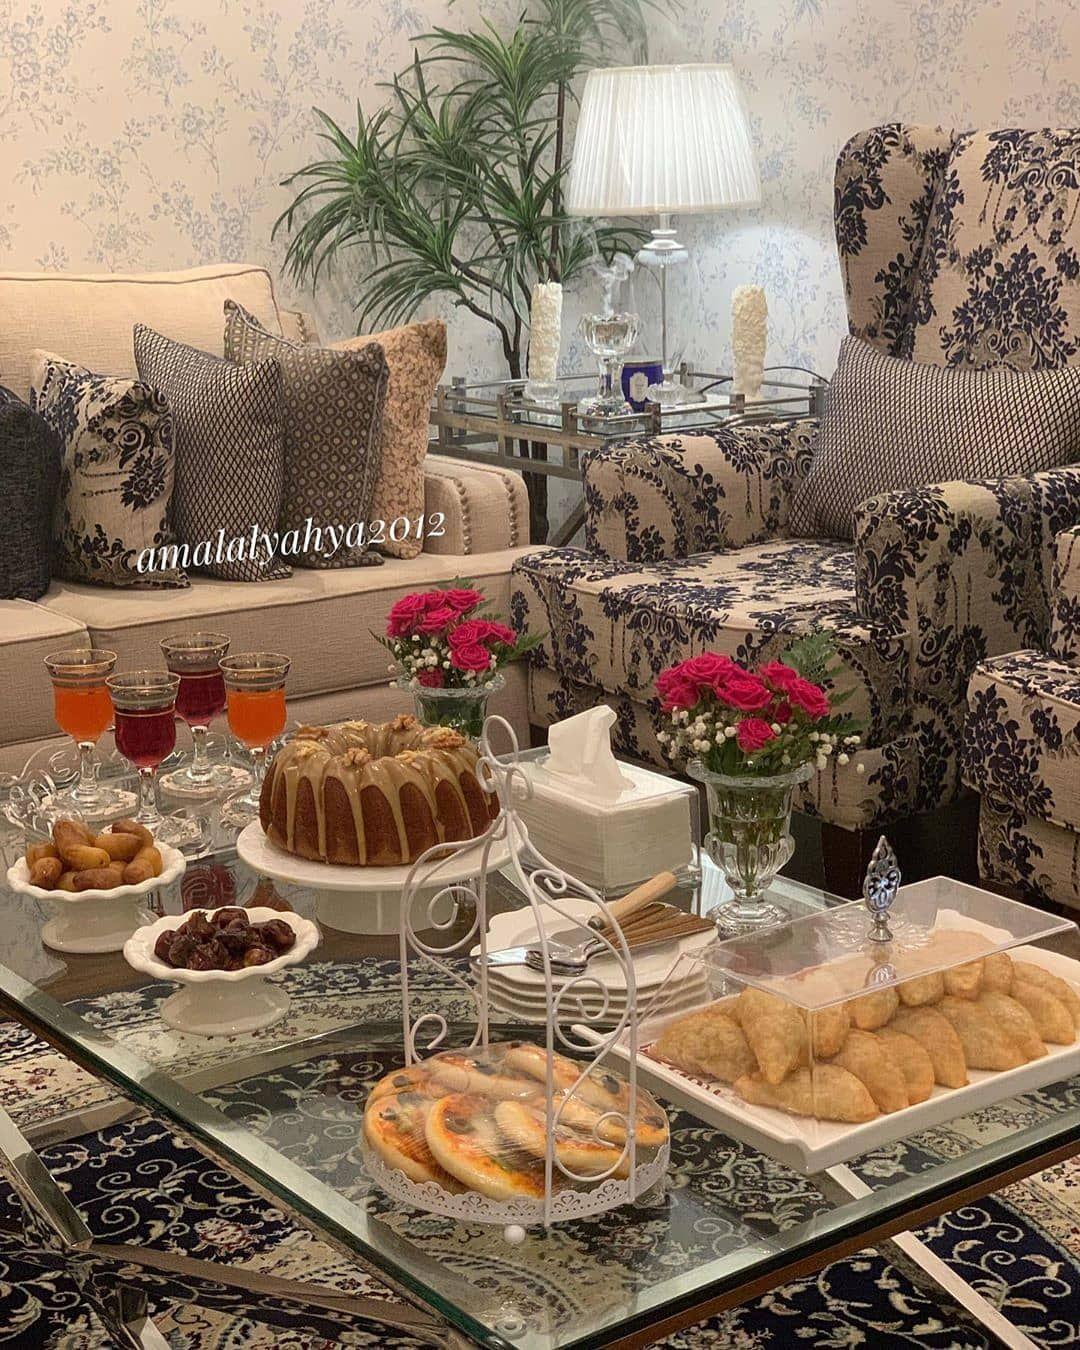 احدث السفر والتقديمات On Instagram لا تقبل في حياتك انصاف الأشياء وأنت تستحق الكمال تقديم الجميلة Gh S9 Food Decoration Food Table Buffet Food